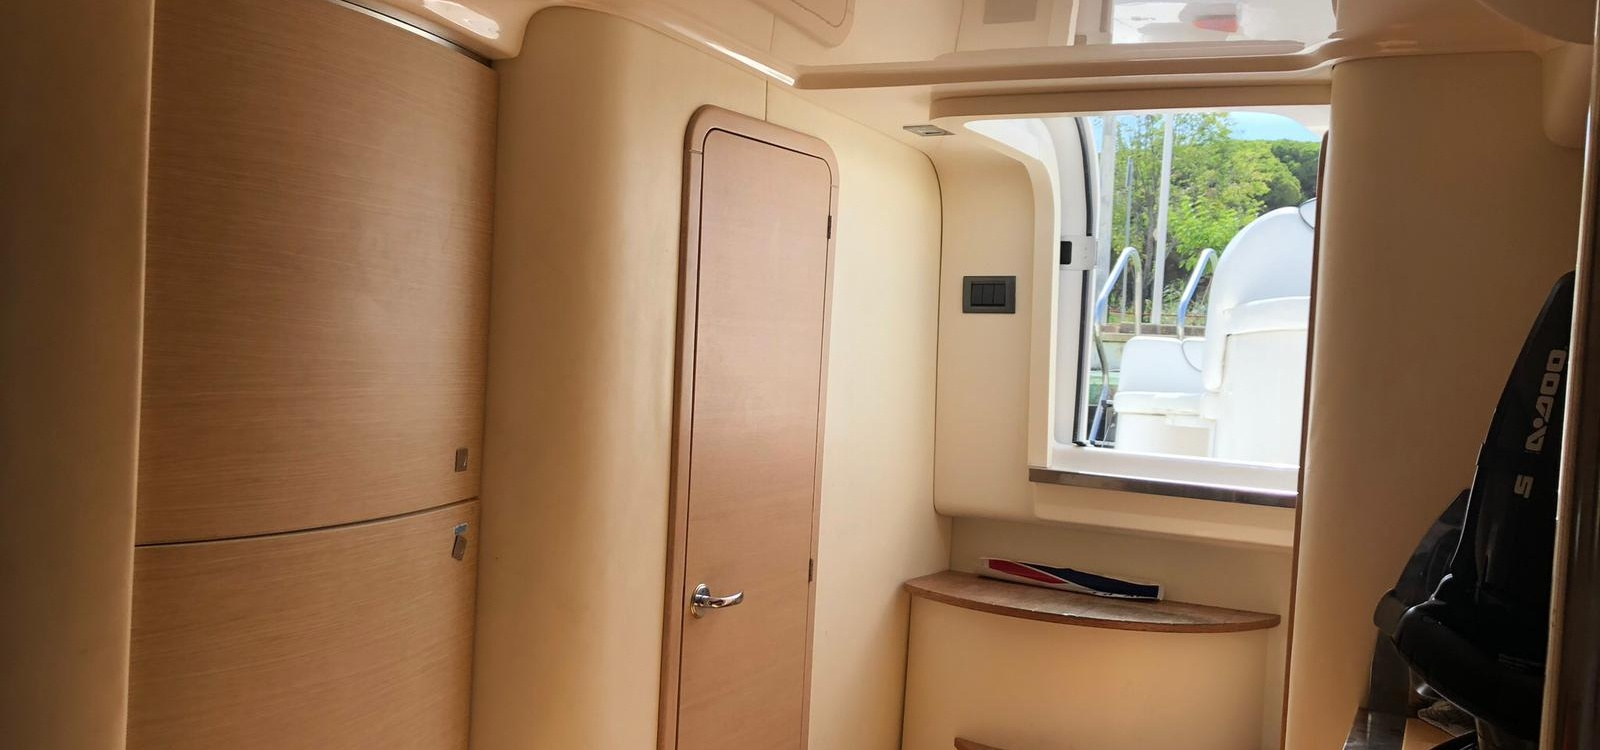 El Masnou,Barcelona,España,2 Habitaciones Habitaciones,1 BañoLavabos,Barco a motor,2064